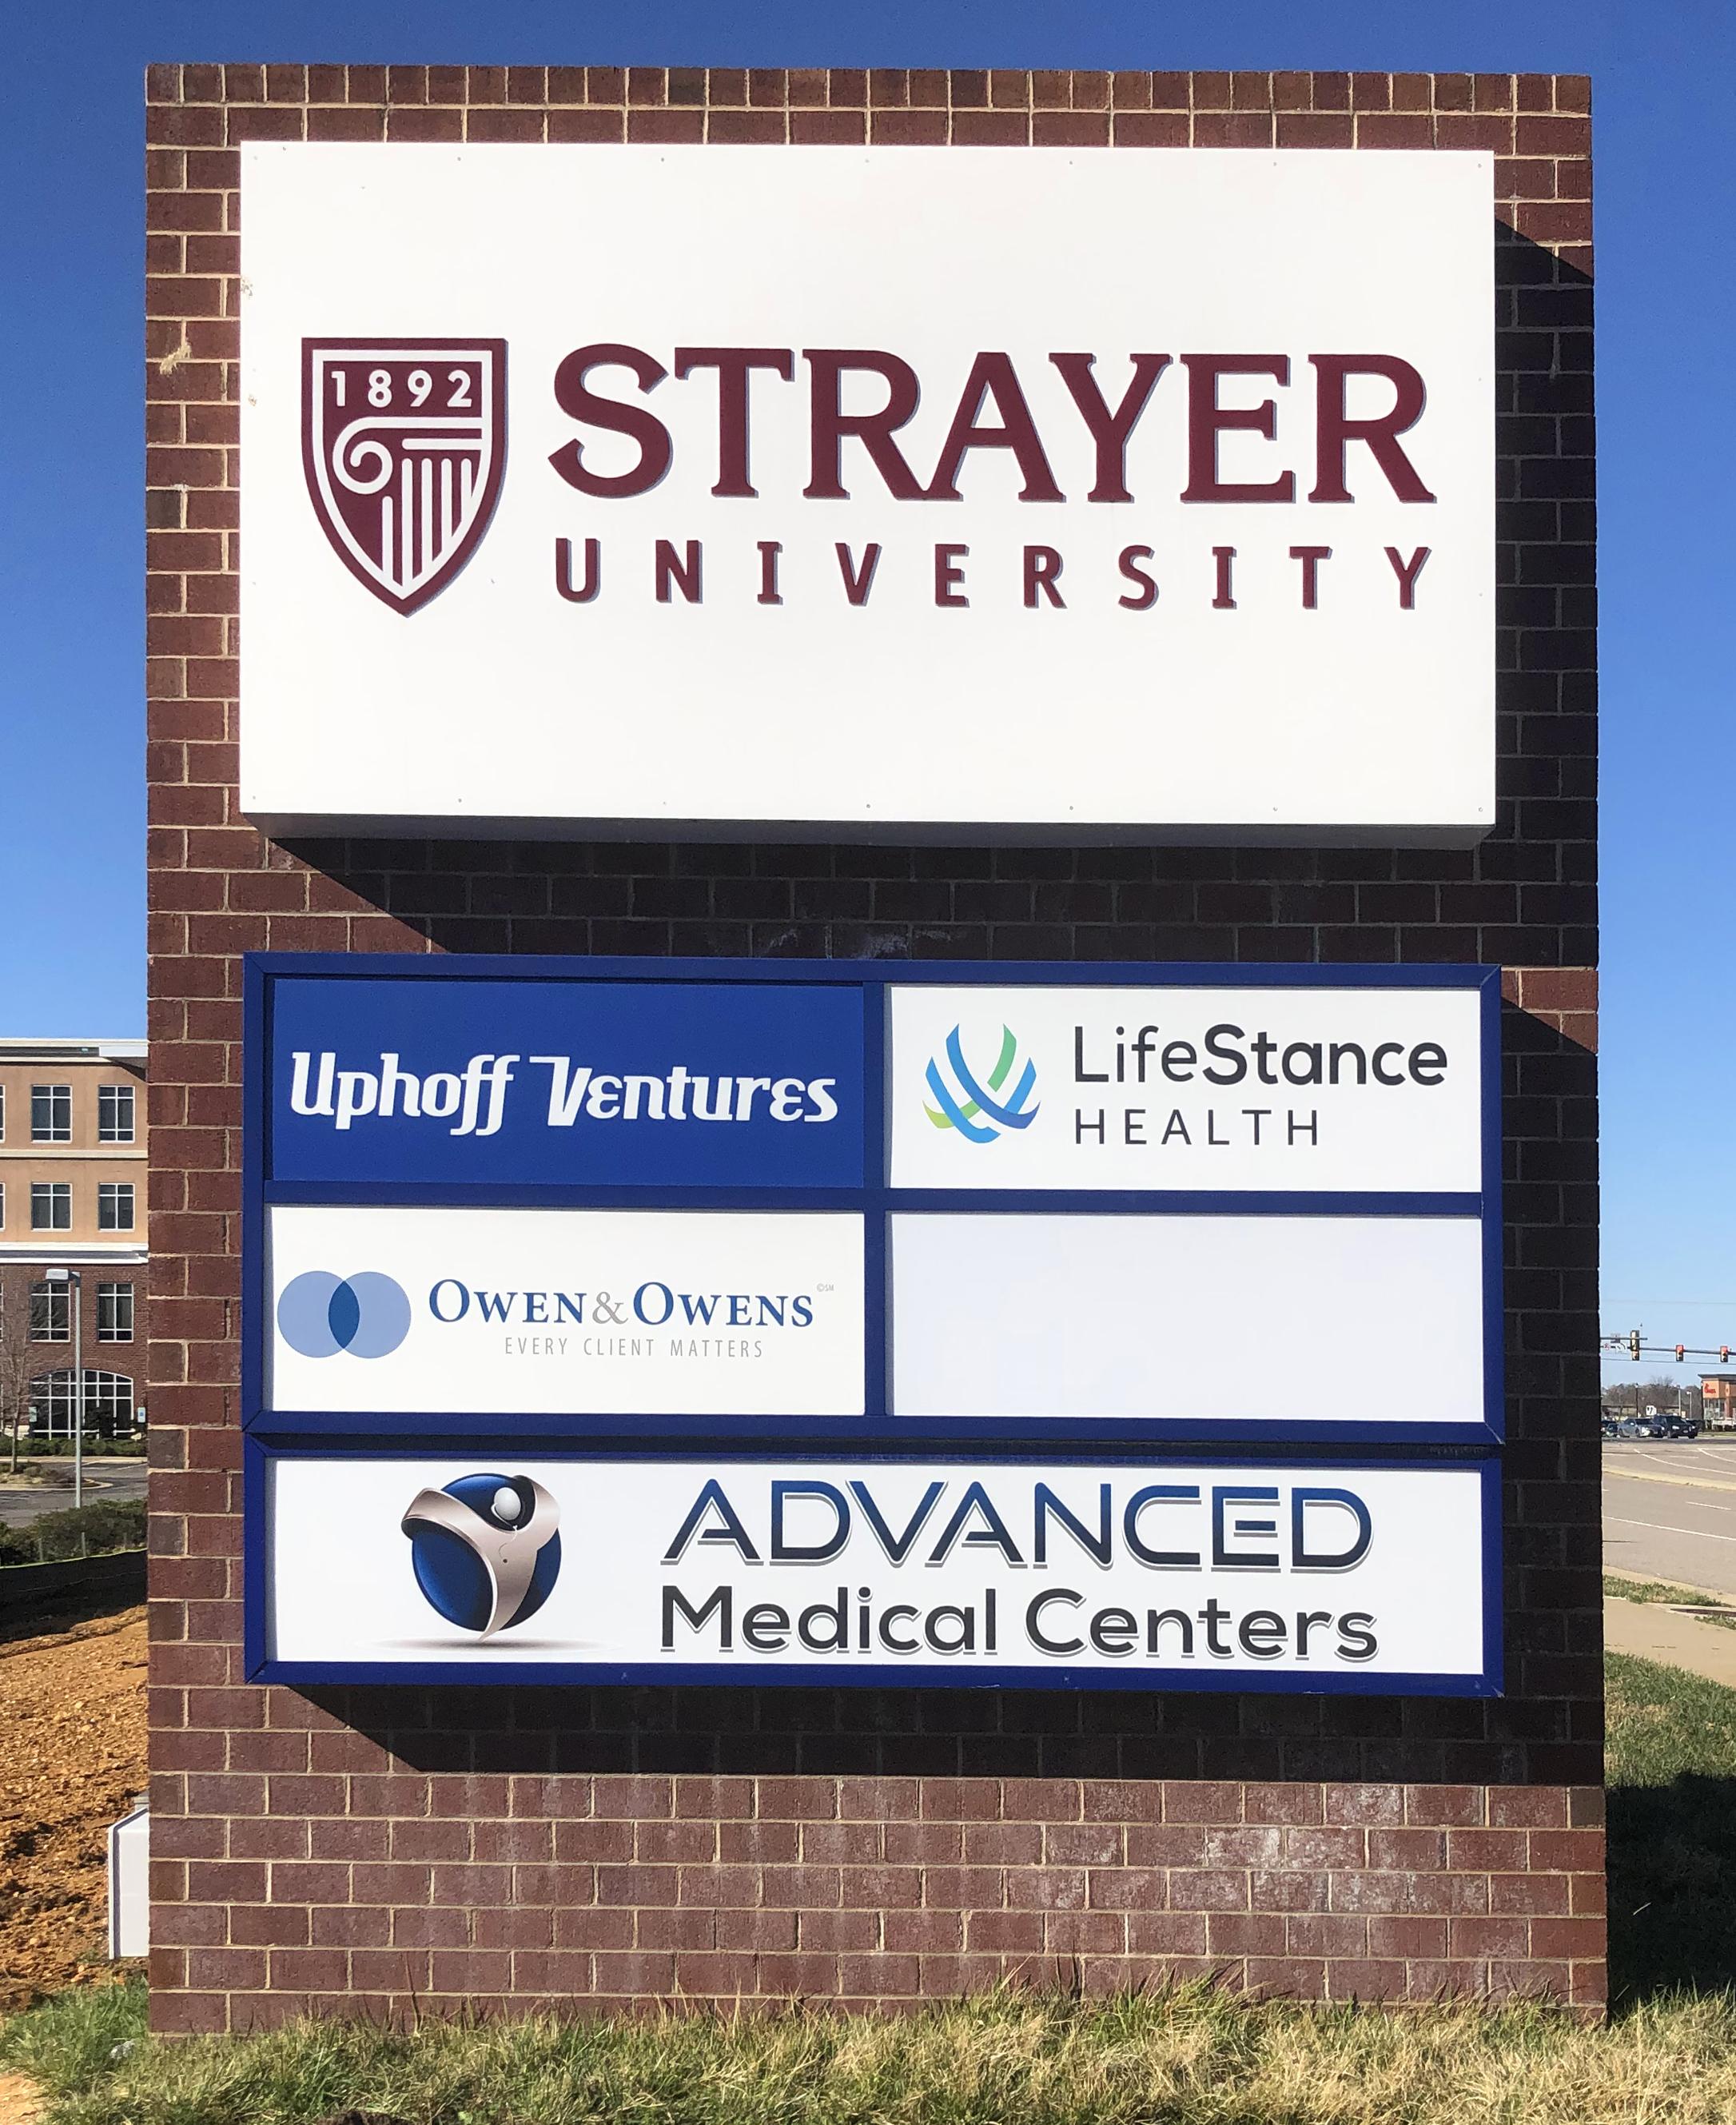 Stayer University